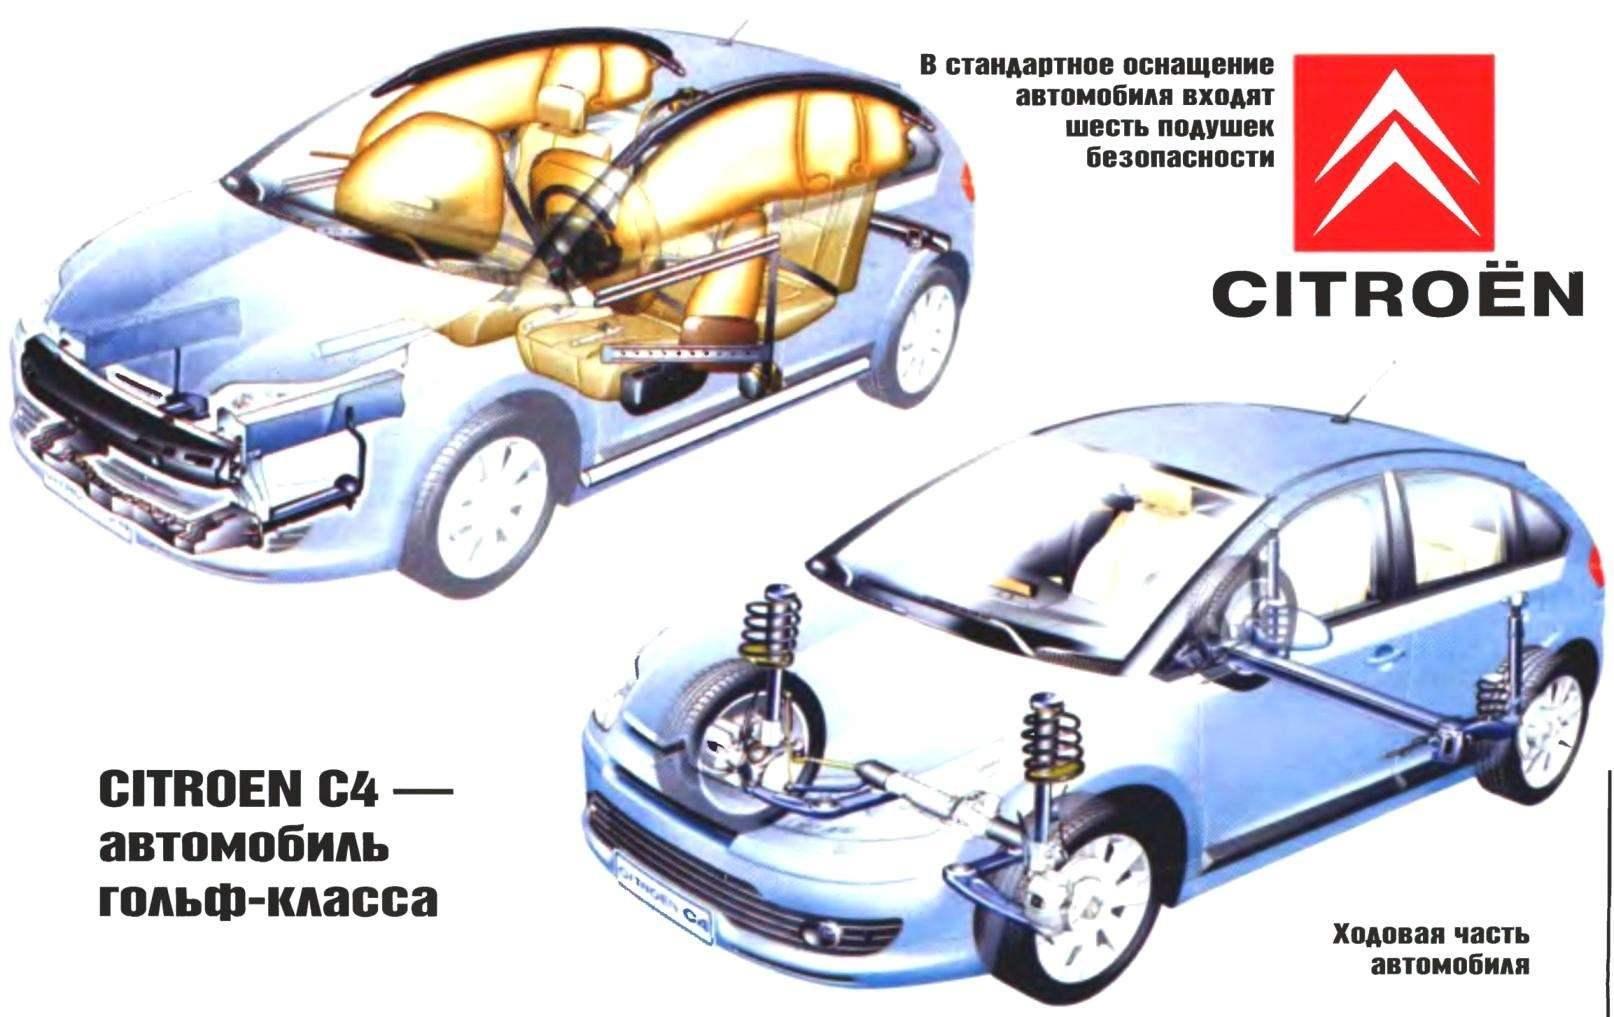 CITROEN C4 — автомобиль гольф-класса